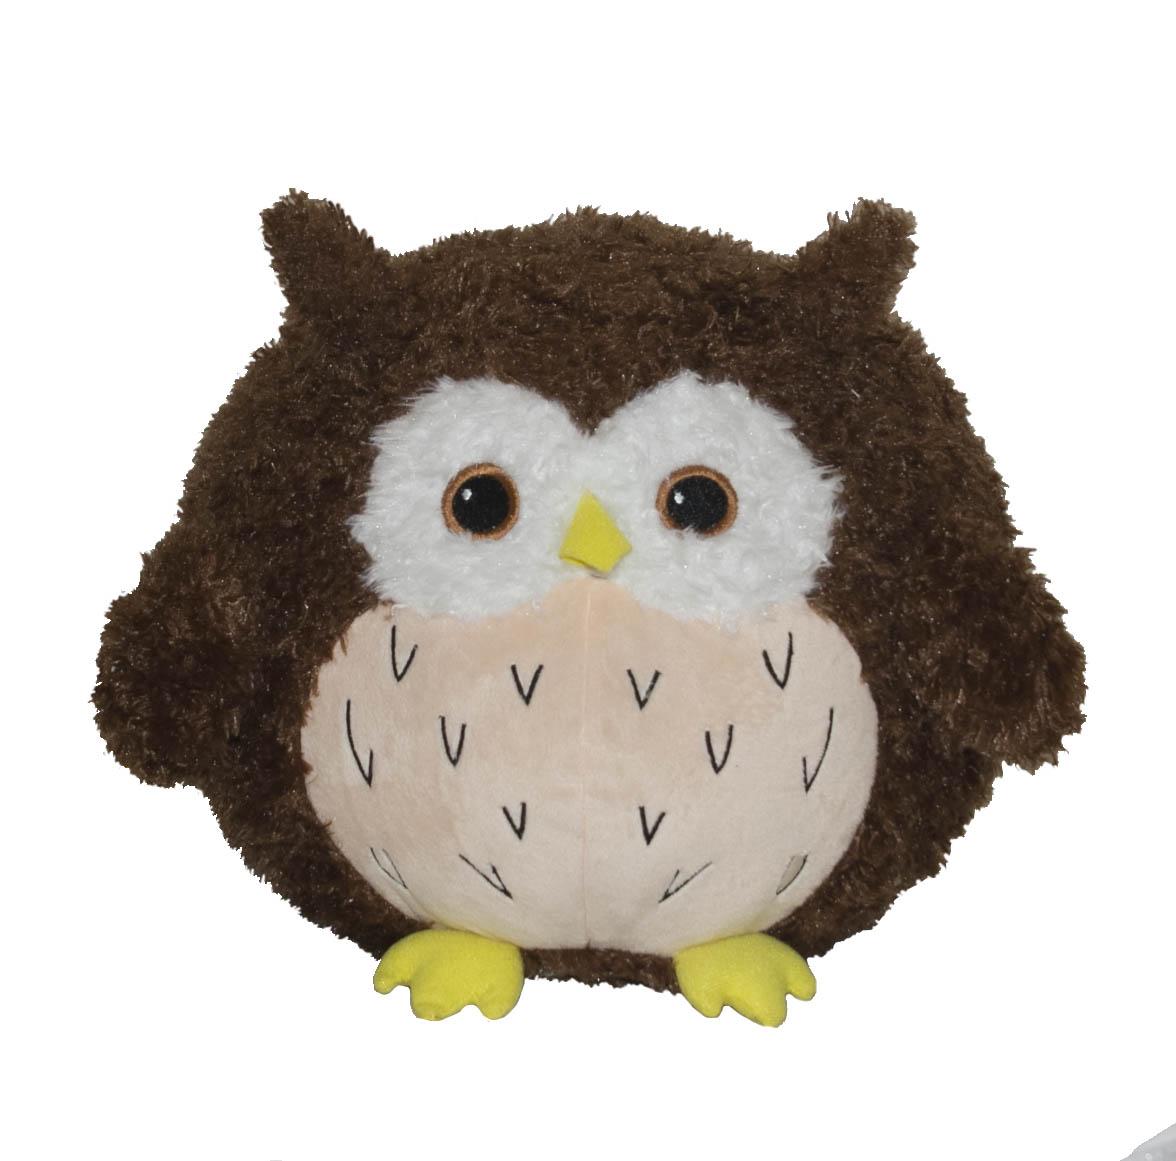 Мягкая игрушка - Сова Букля, 30 смДикие животные<br>Мягкая игрушка - Сова Букля, 30 см<br>